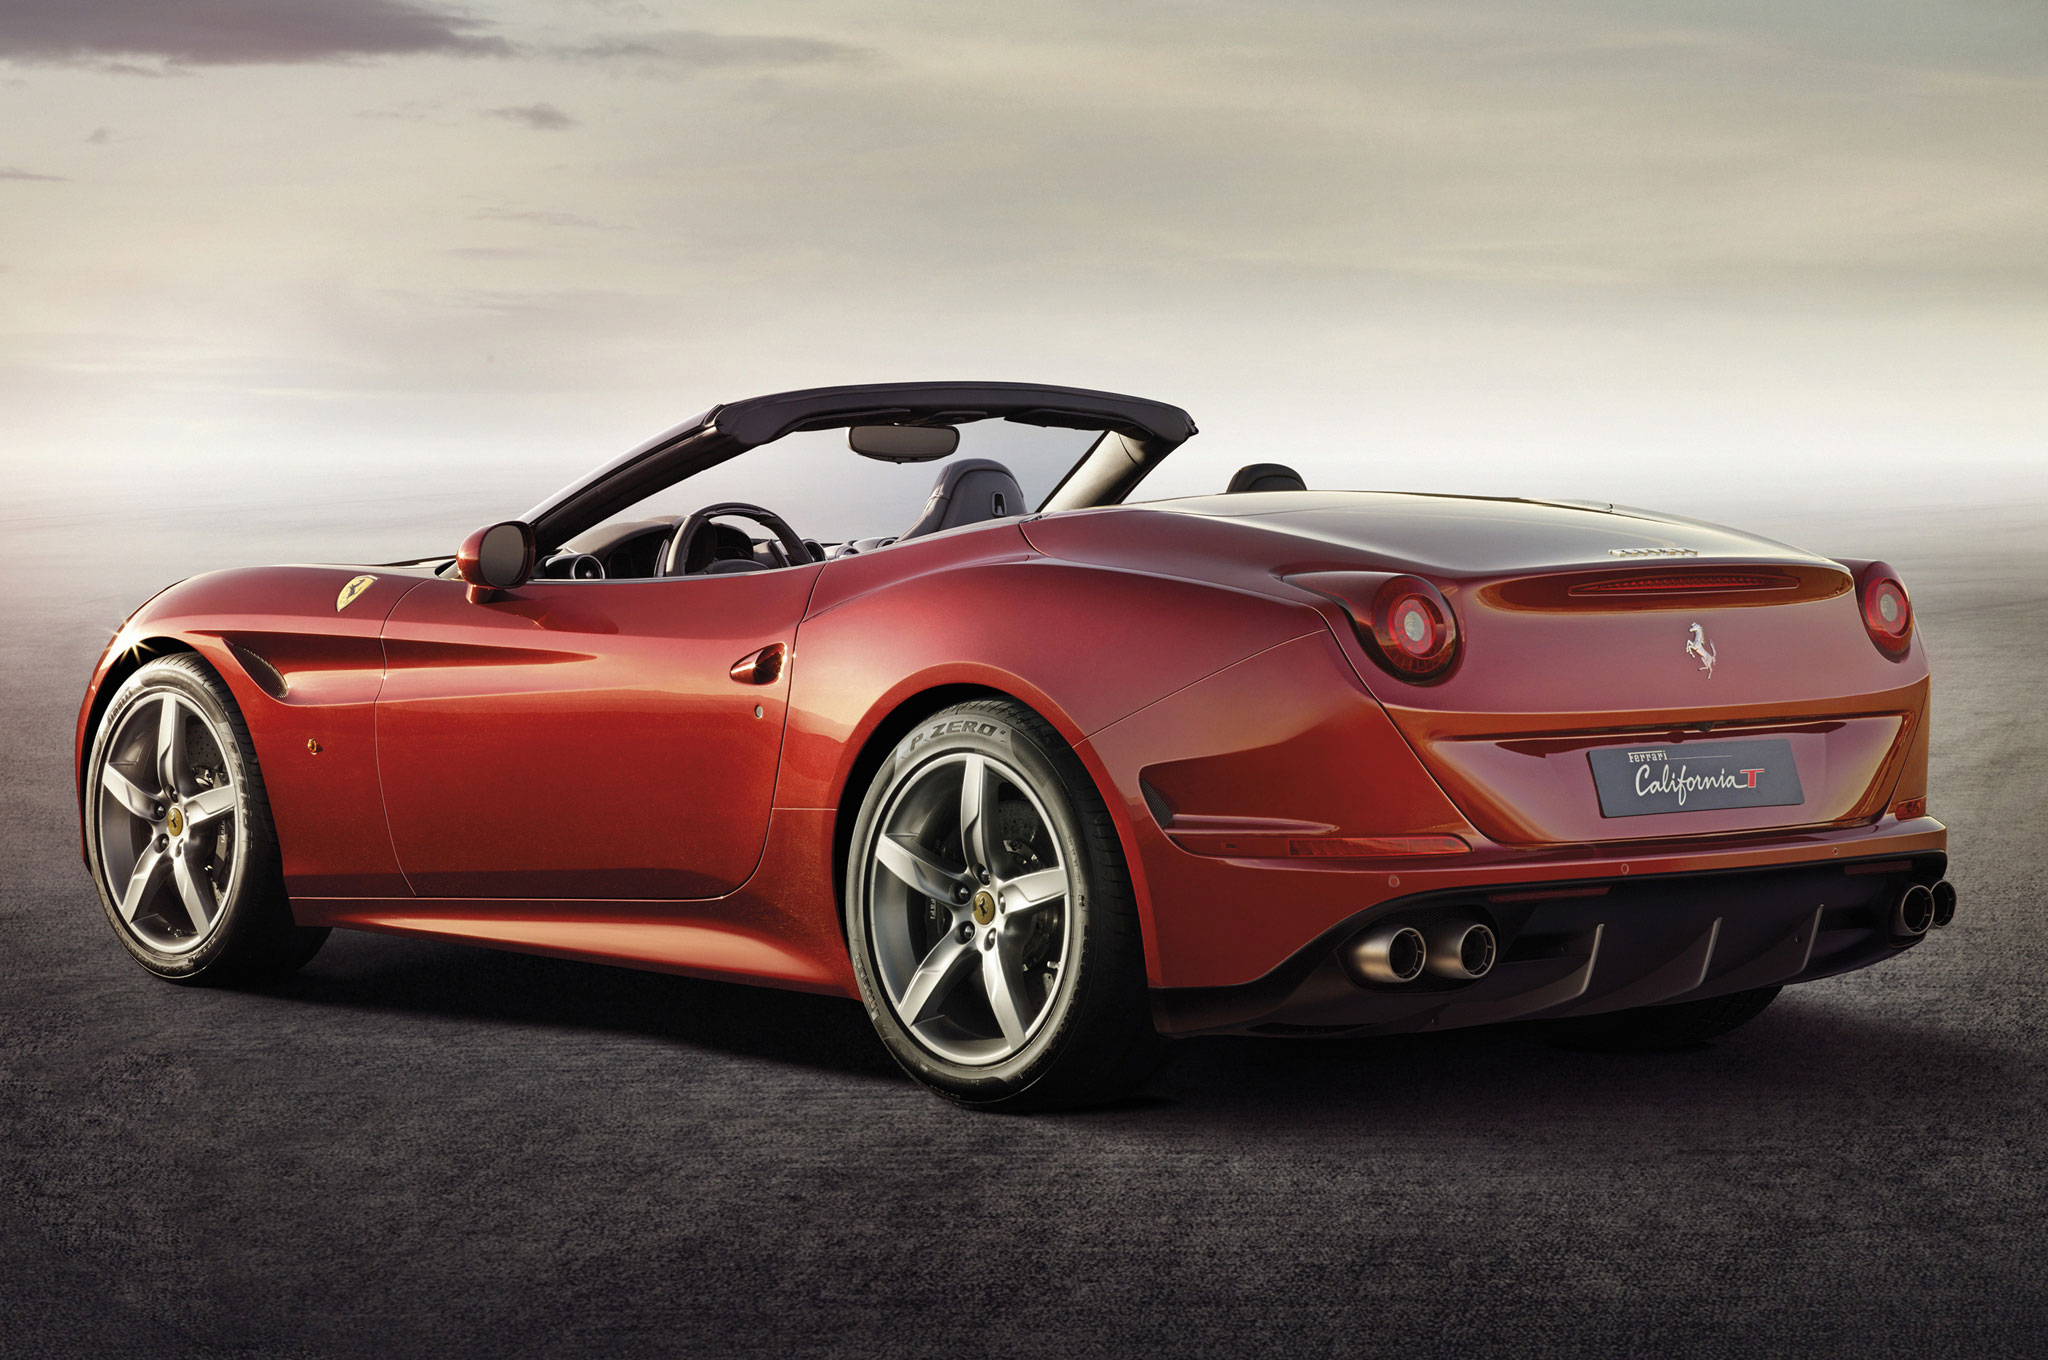 2017 Ferrari California Review Release Date And Price >> 2015 Ferrari California T Review Automobile Magazine